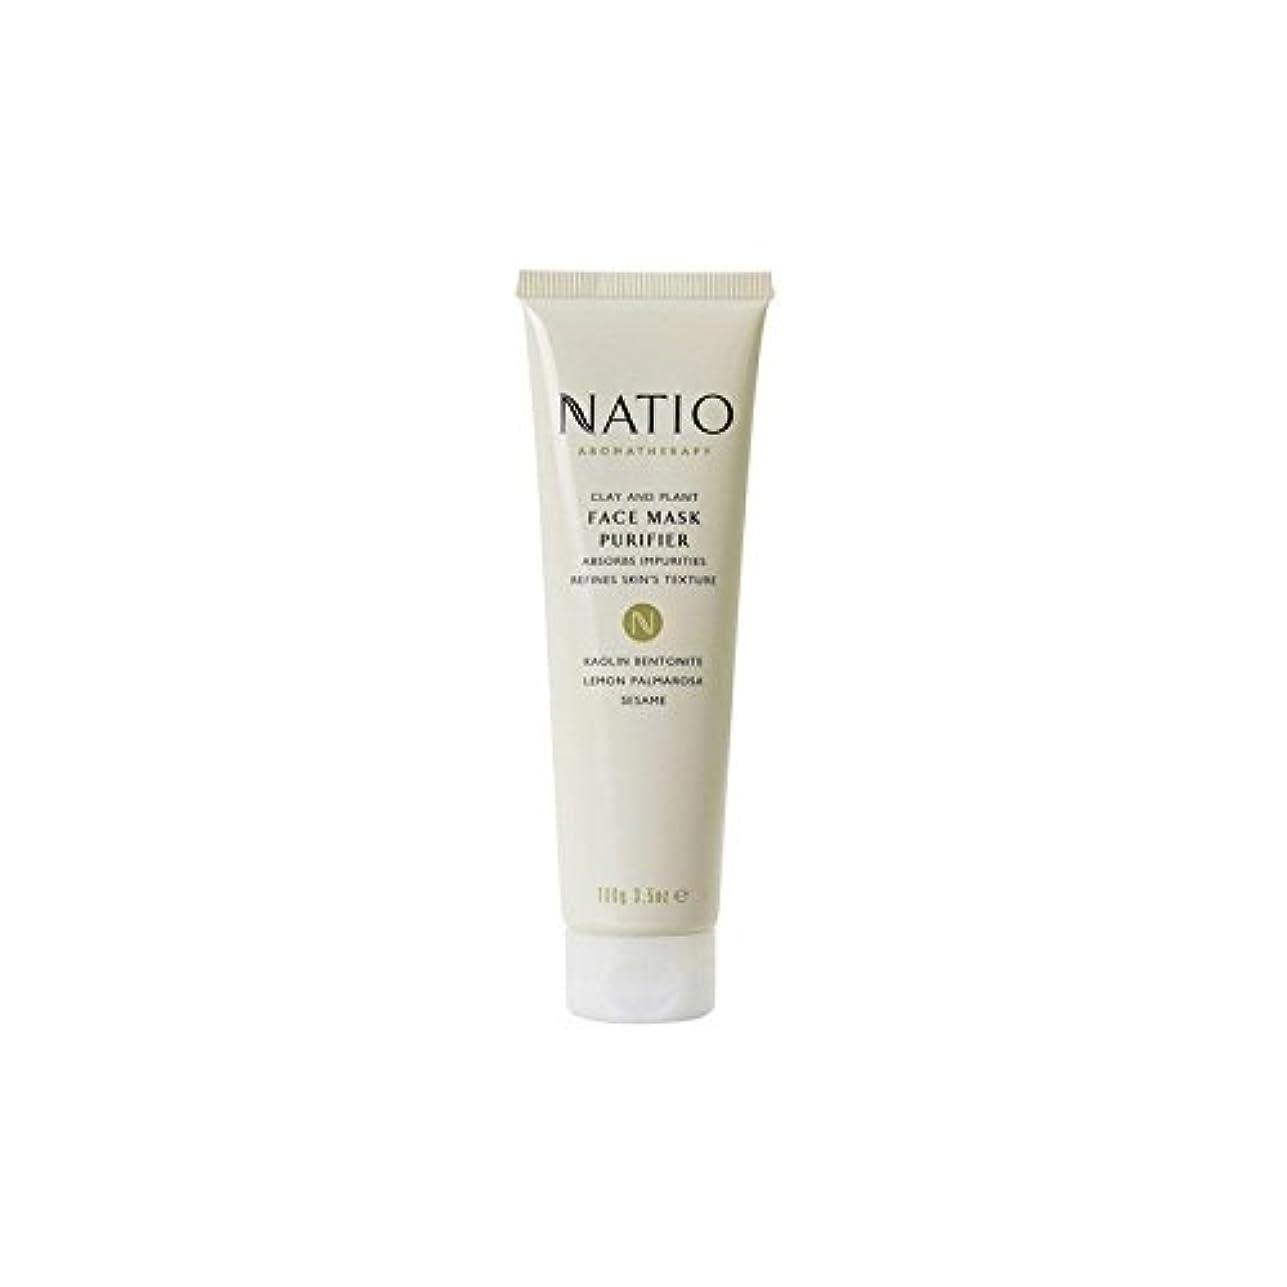 投票弱い投票Natio Clay & Plant Face Mask Purifier (100G) (Pack of 6) - 粘土&植物フェイスマスクの浄化(100グラム) x6 [並行輸入品]